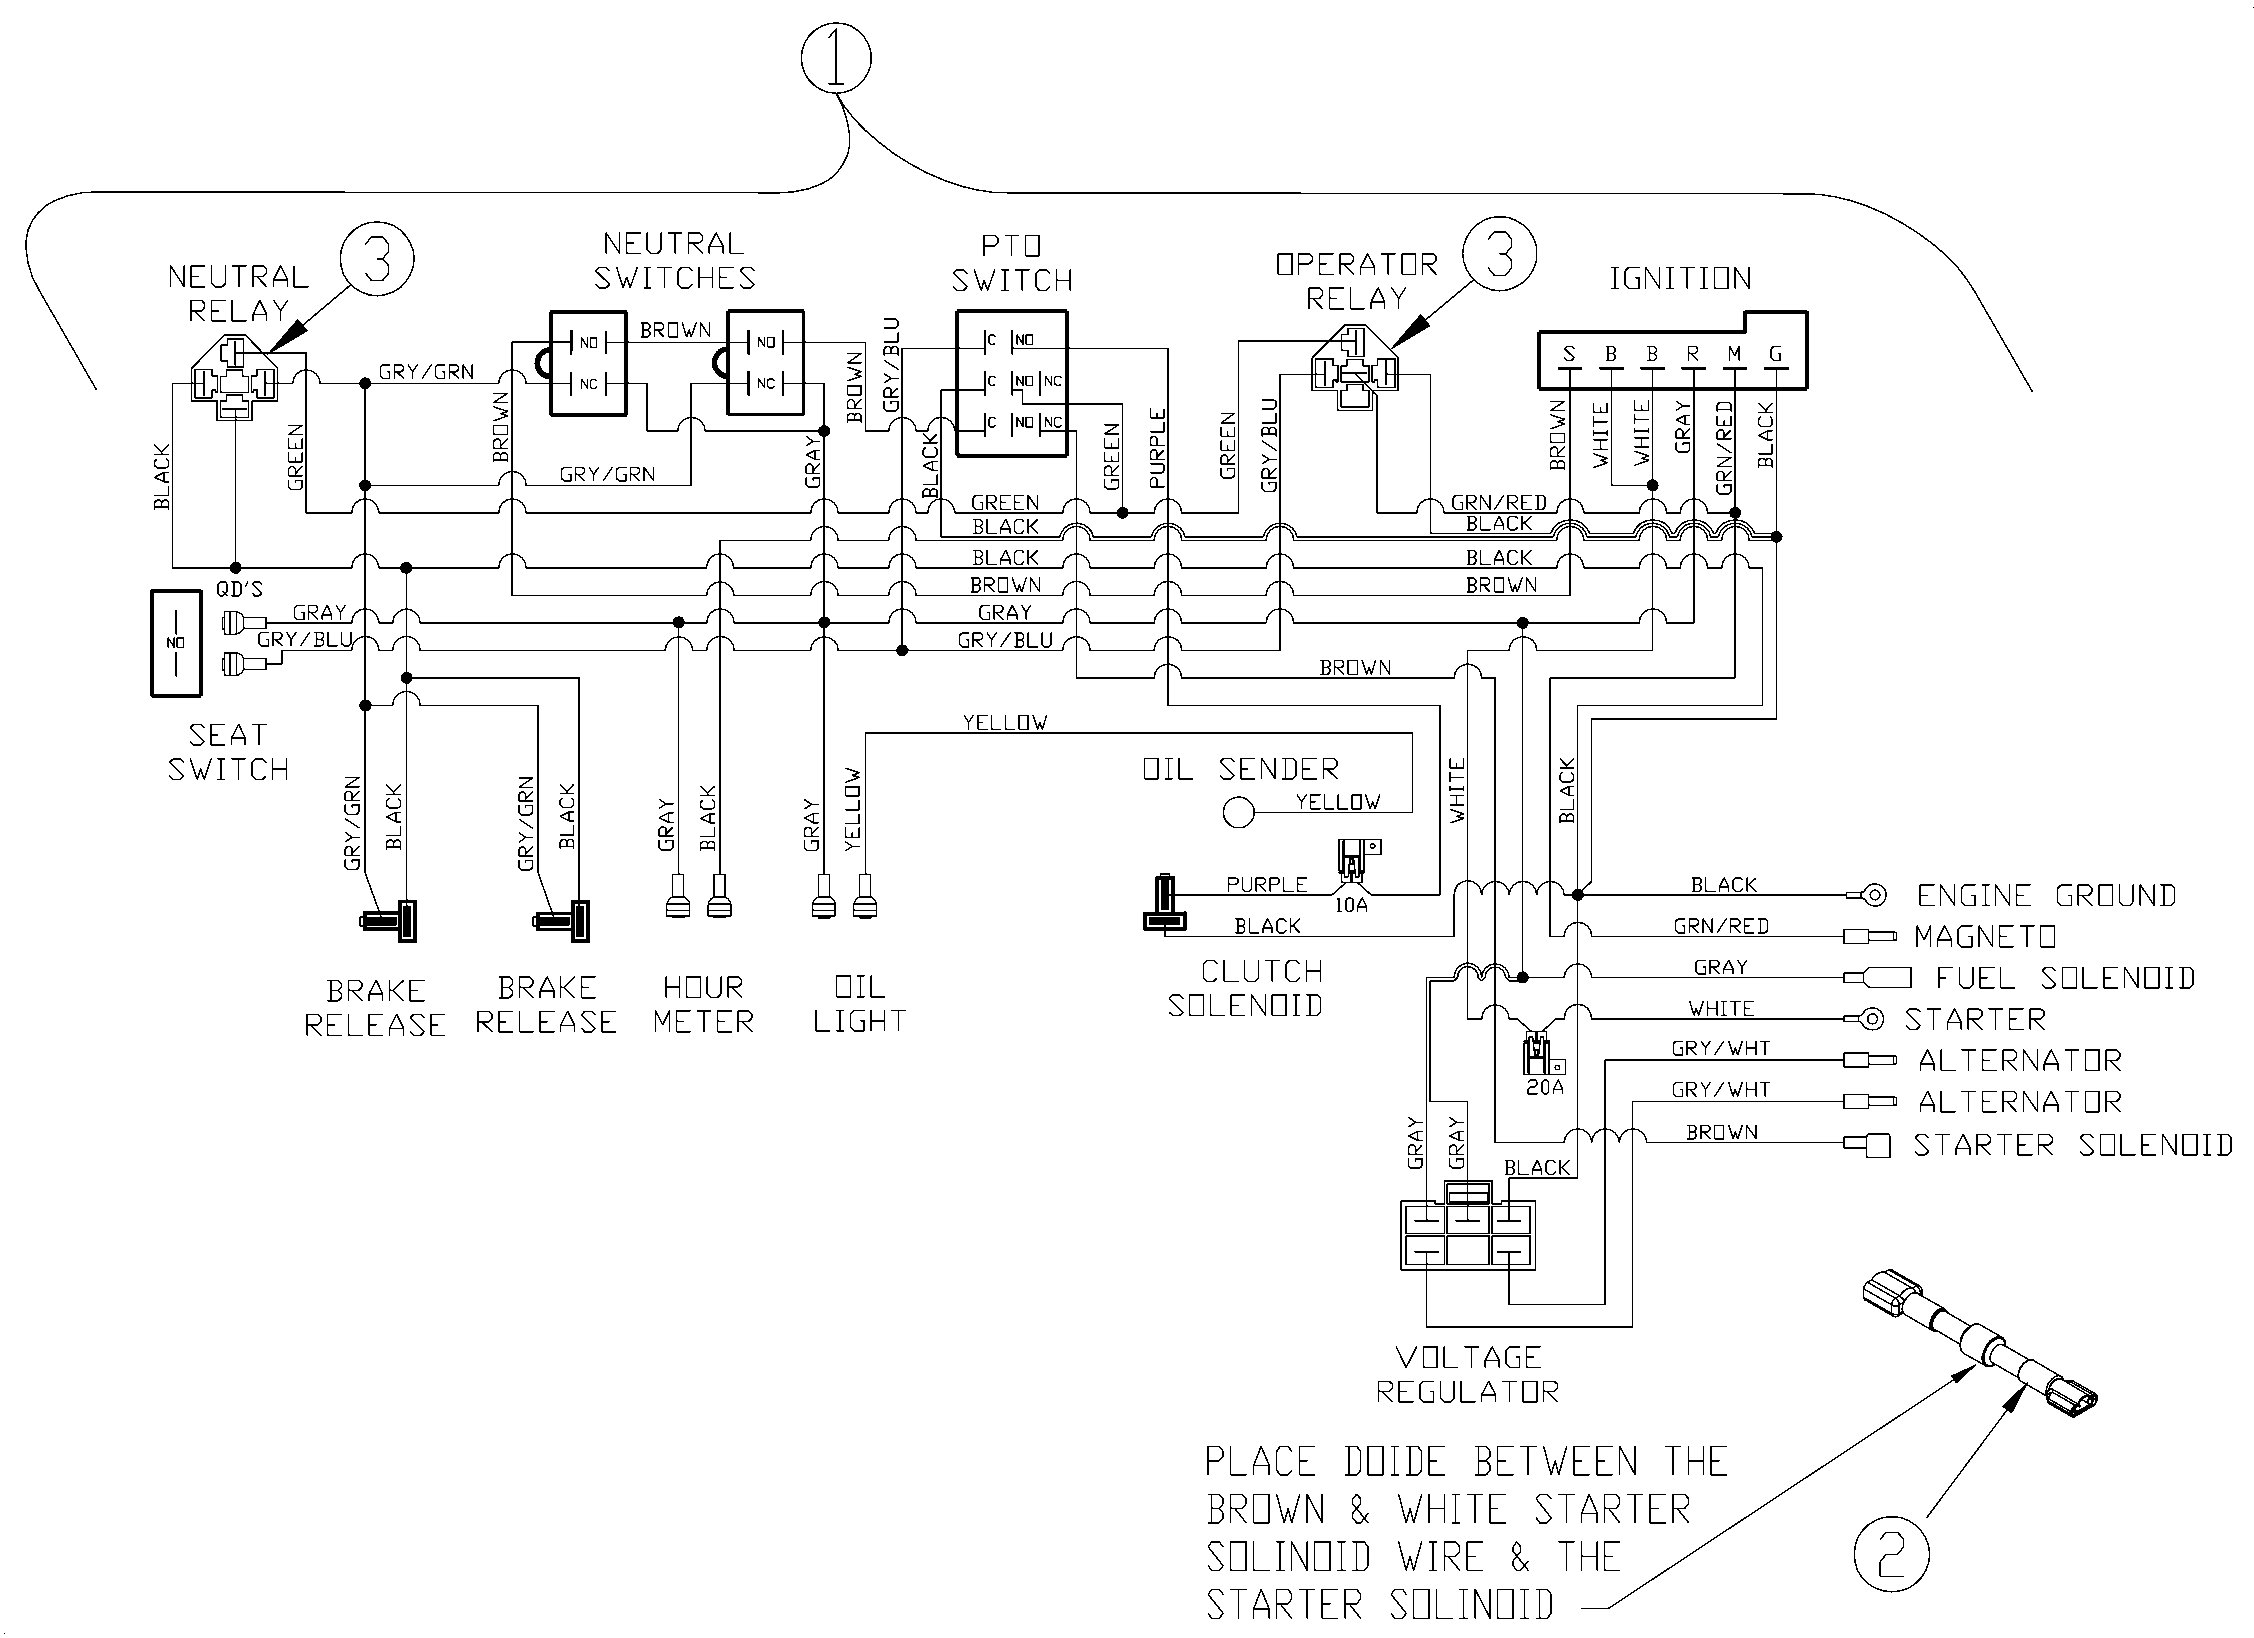 Starter Solenoid Relay Diagram